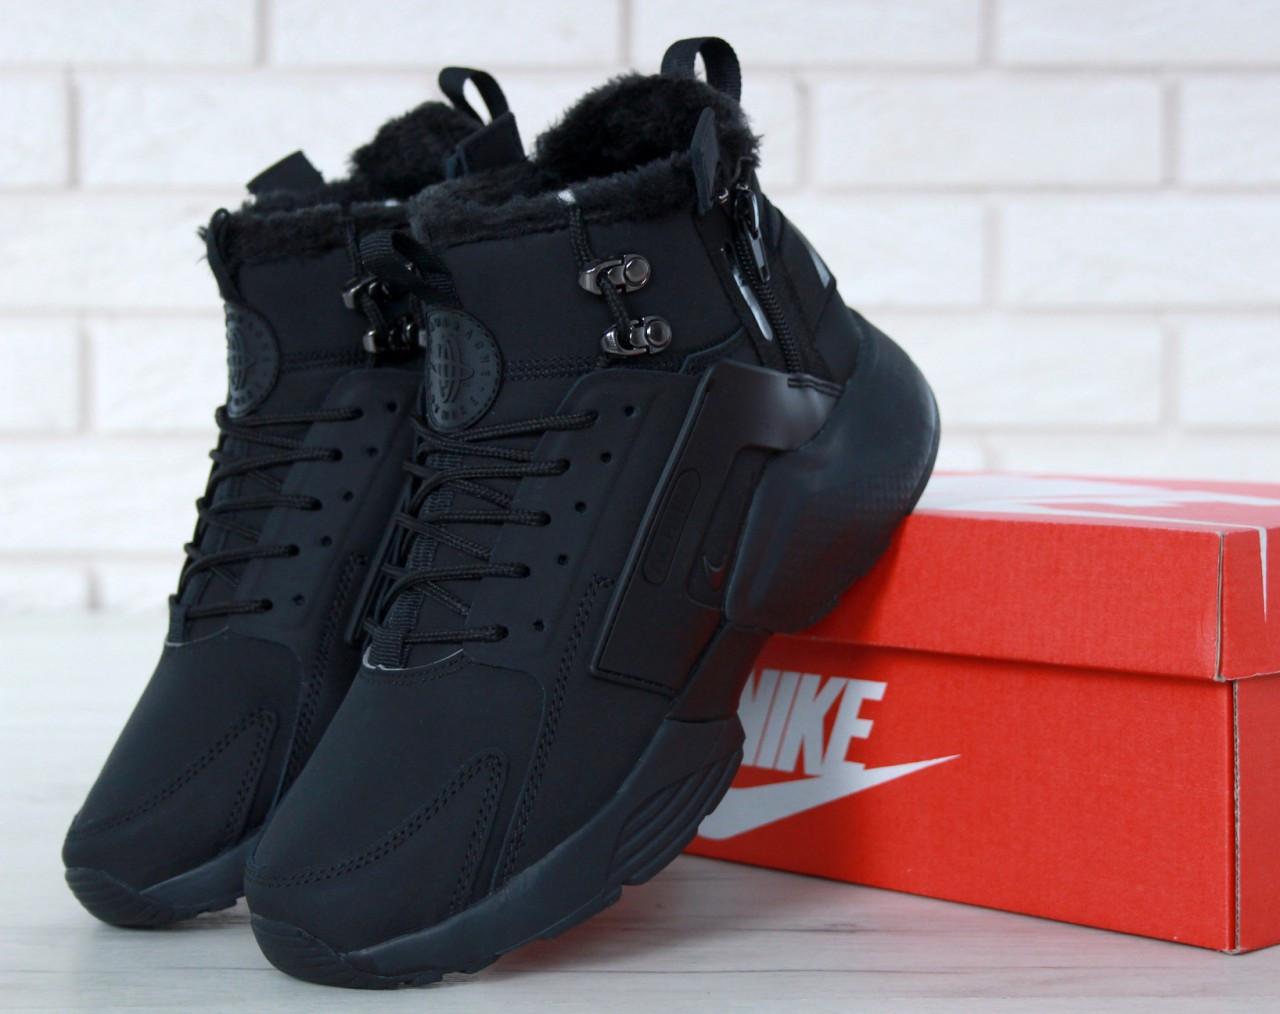 Зимние кроссовки Nike Huarache X Acronym City Winter Black с мехом, мужские кроссовки. ТОП Реплика ААА класса.